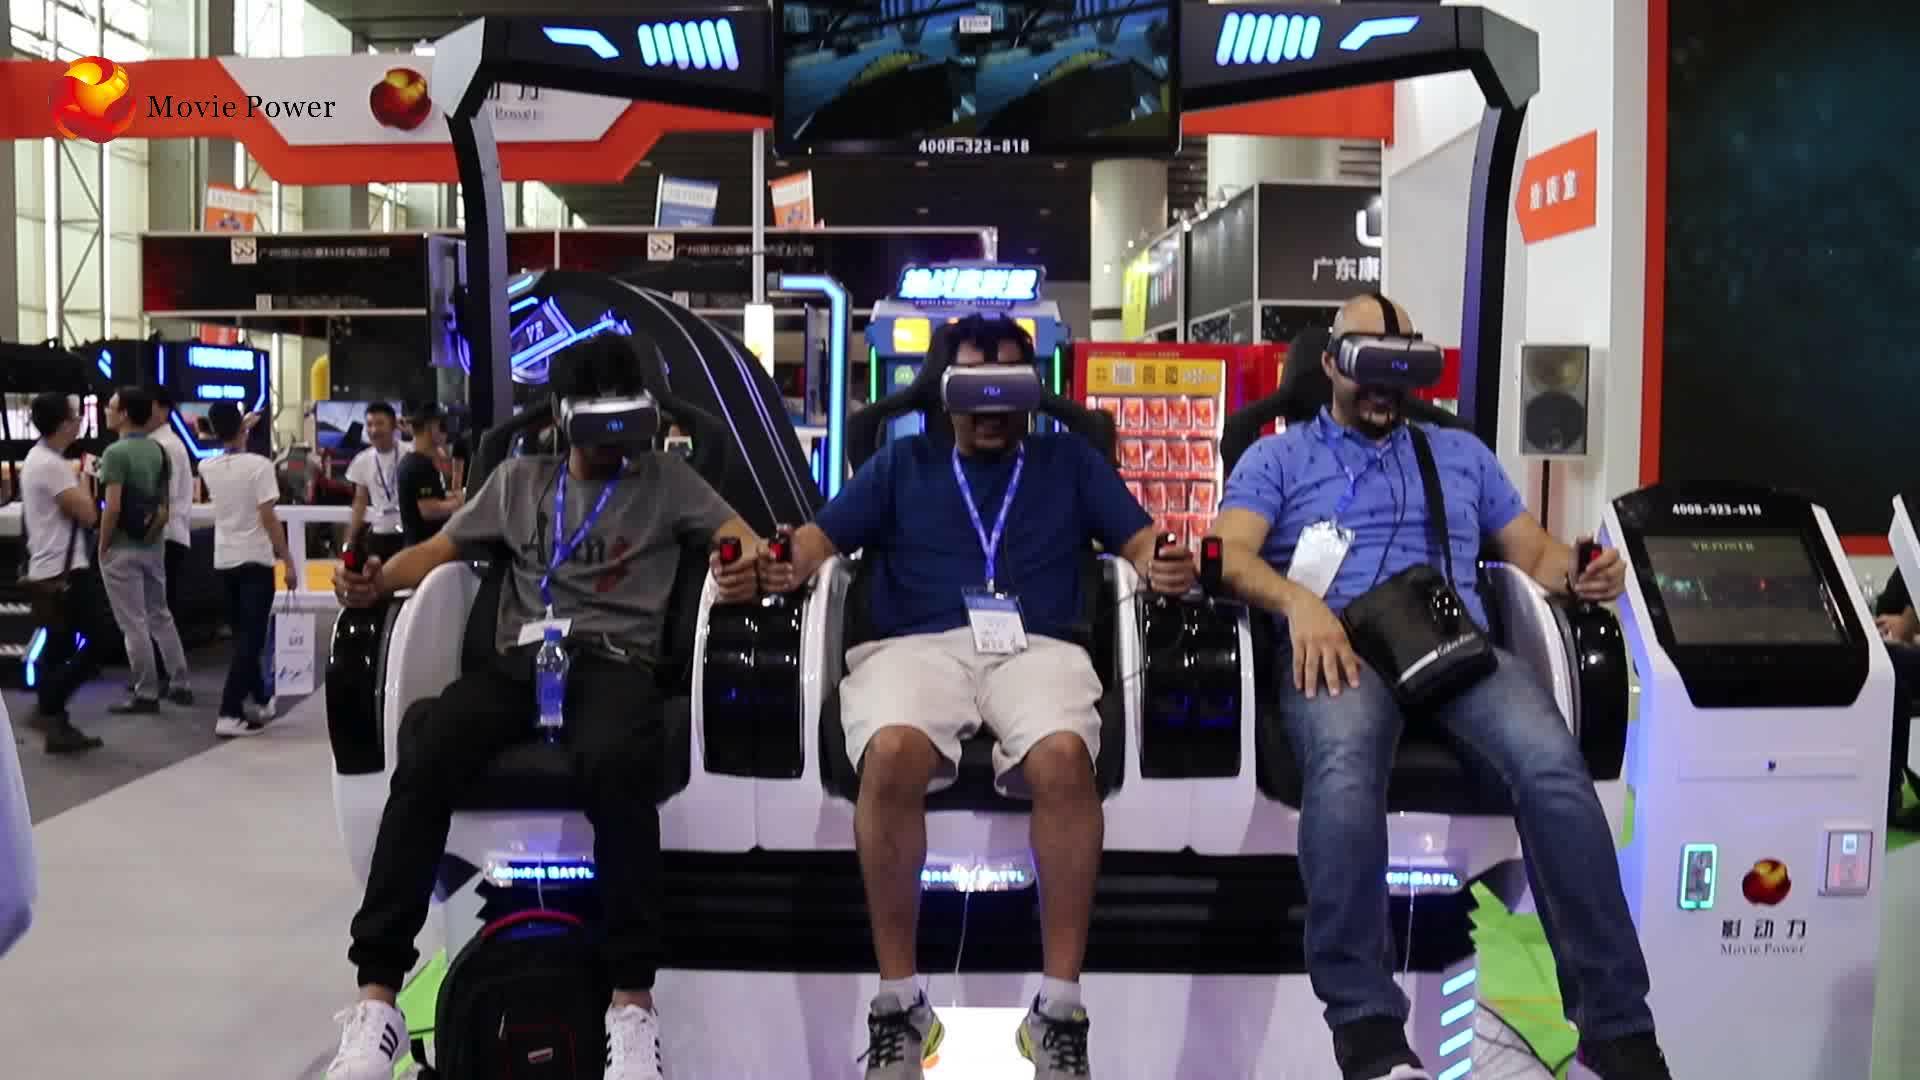 Cómodo asientos de carreras VR juego silla 9D cine simulador mostrar videos